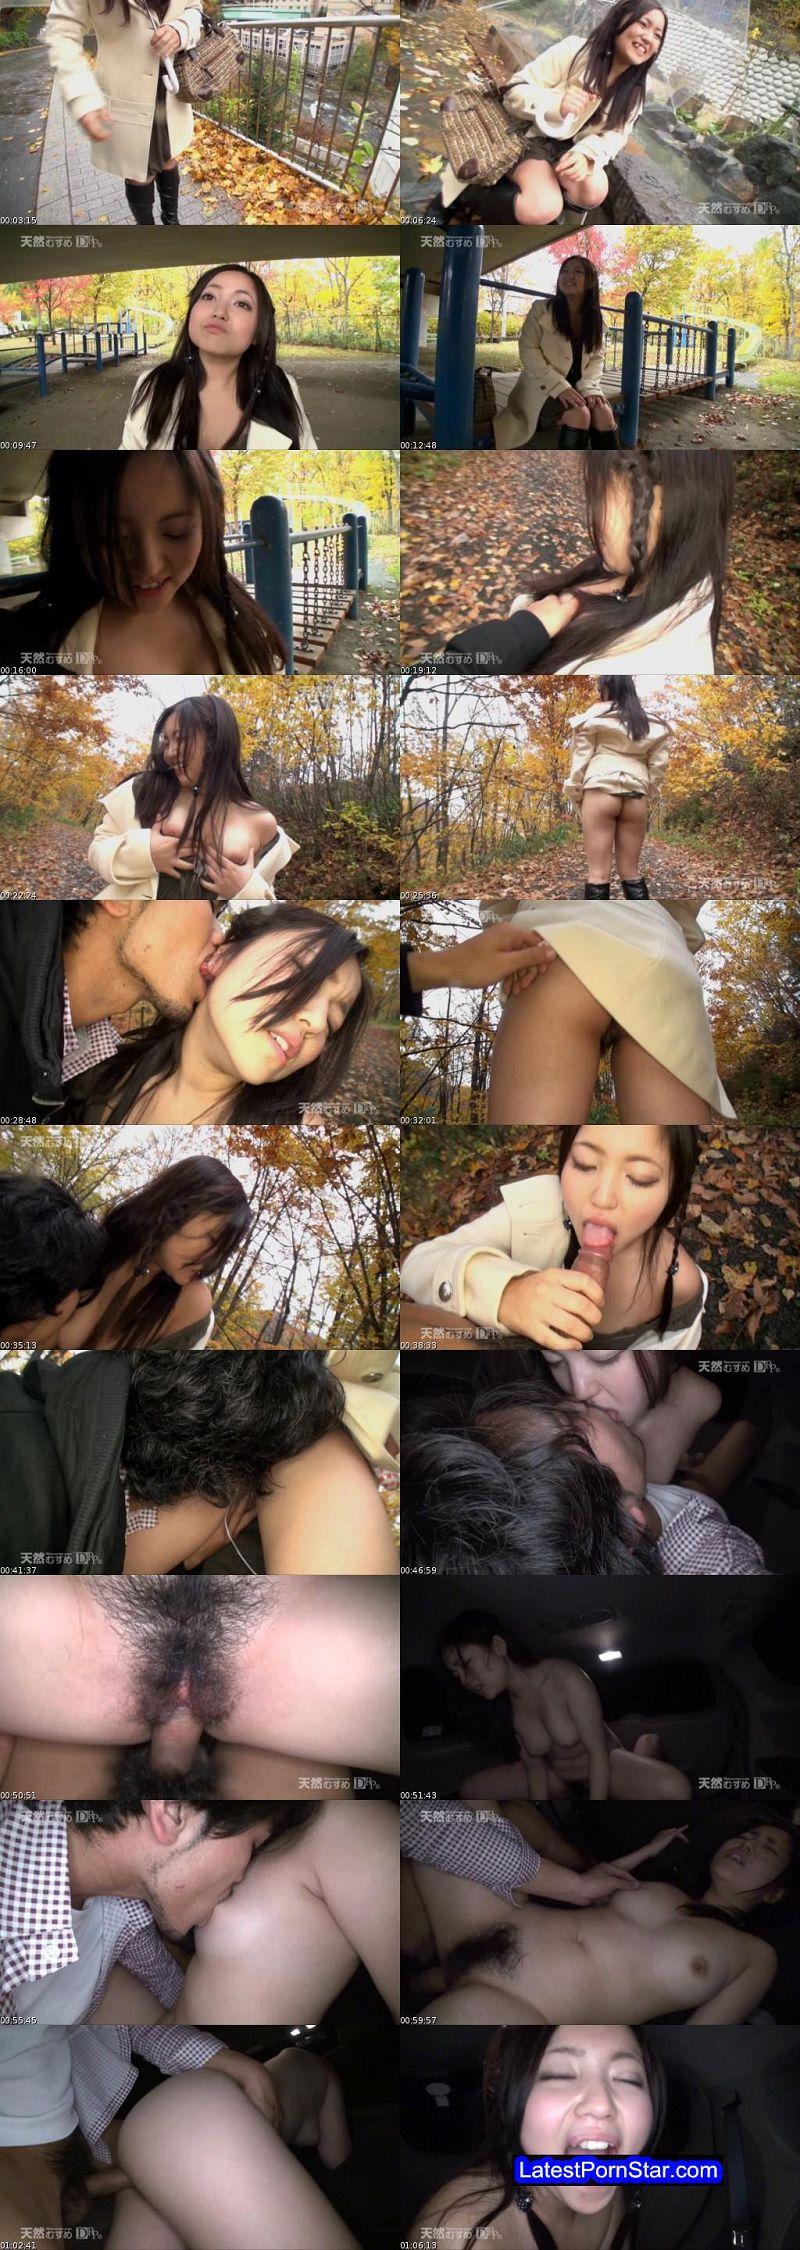 天然むすめ 10musume 041313_01 足湯で、公園で、森で、冷えた指を膣内で温めて!